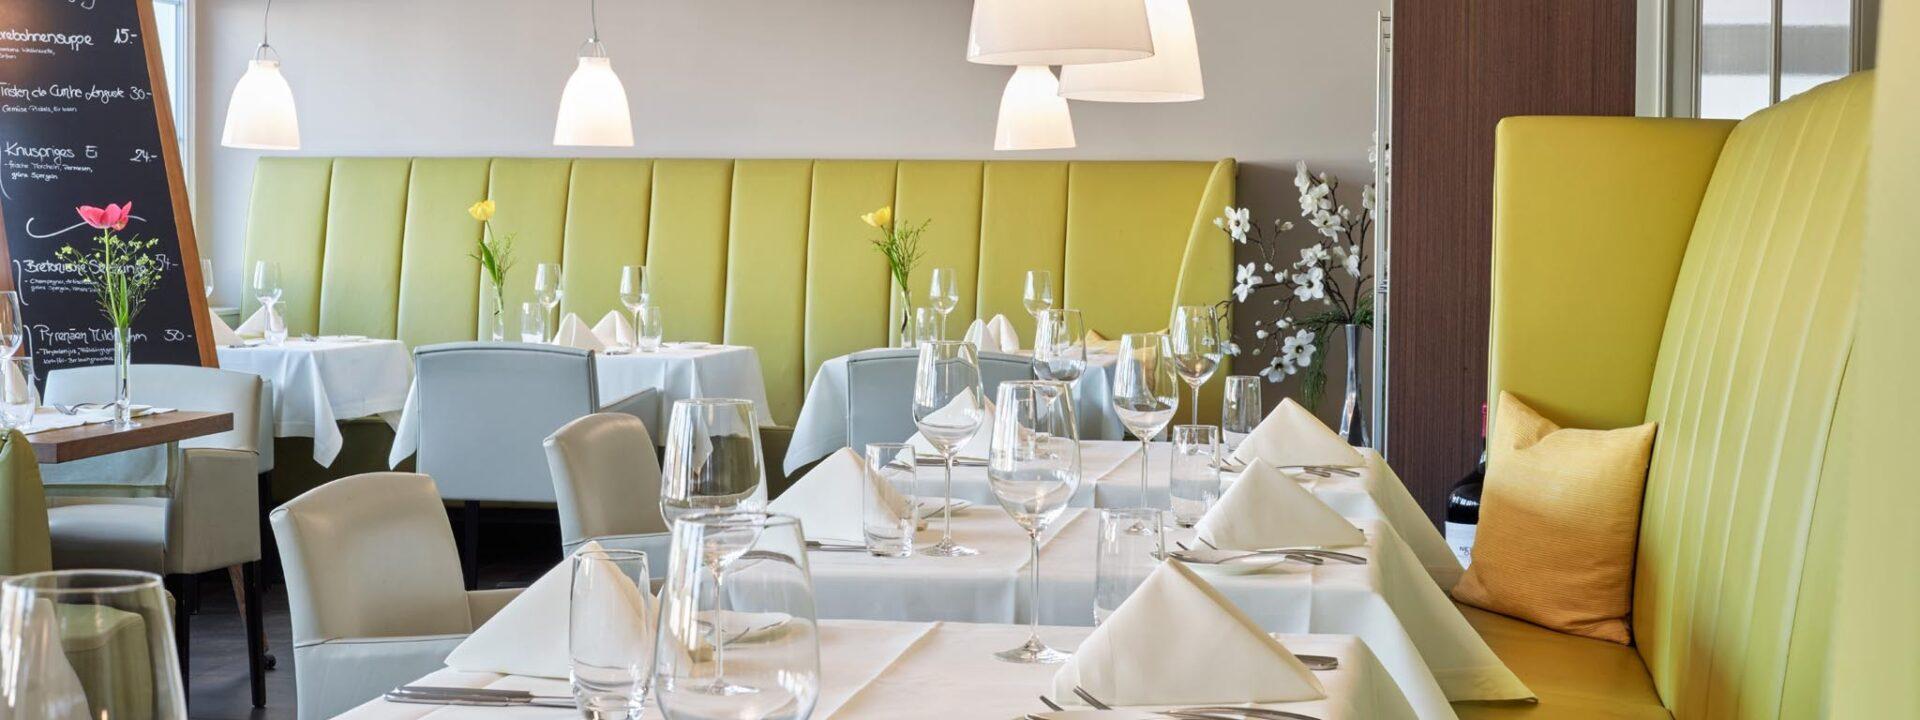 Restaurant Le Murenberg